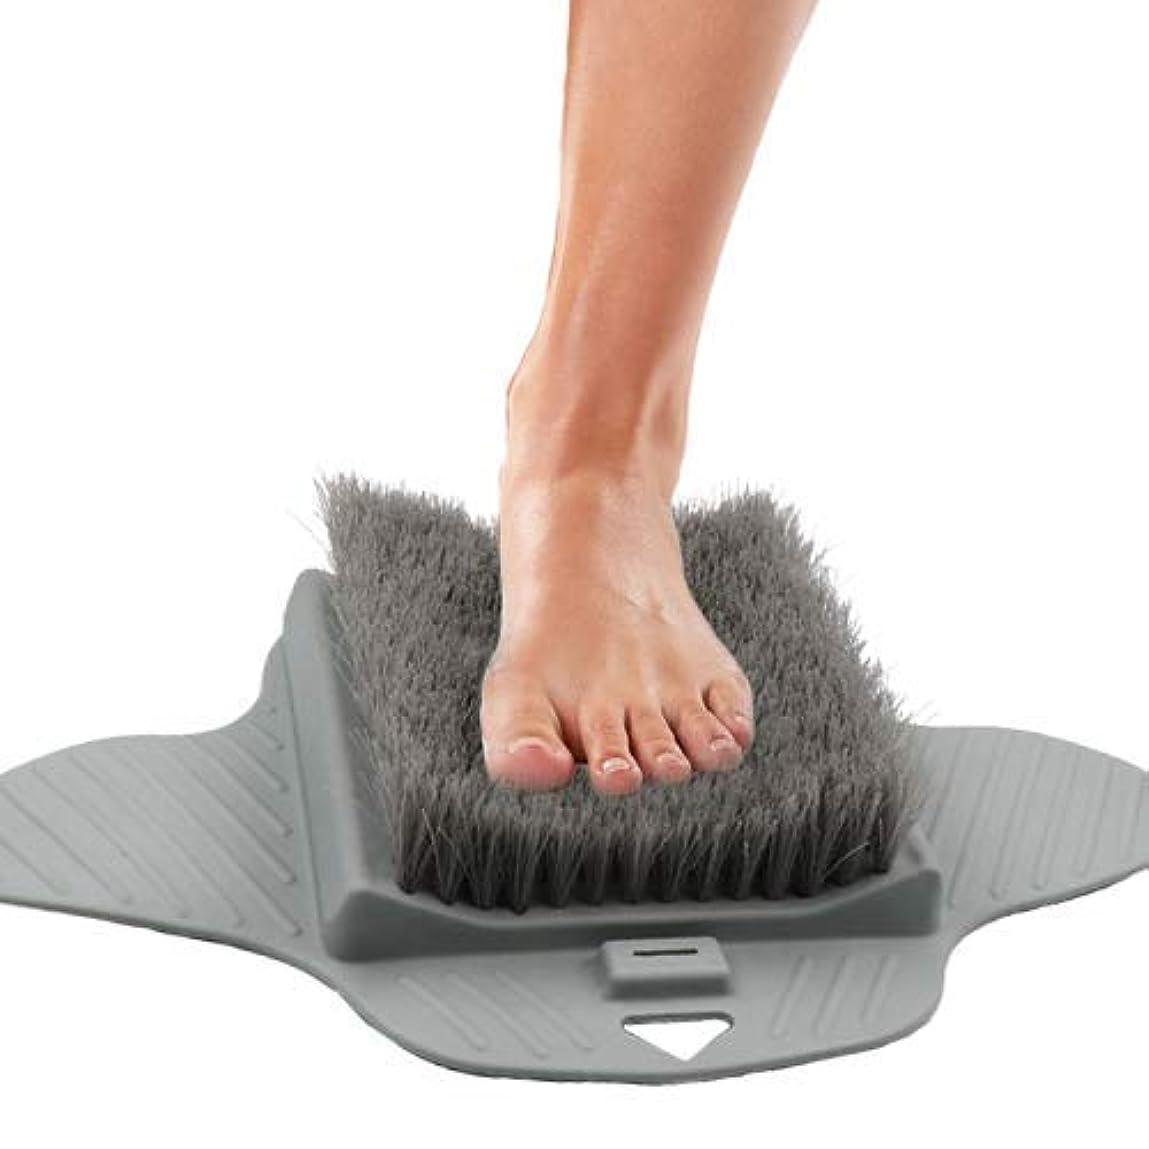 玉マラウイクローンJhua 足の裏とカルスを掃除するためのシャワーフットスクラバーバスタブフロアブラシ-滑り止め吸引カップ、指圧マッサージマットフットクリーナー